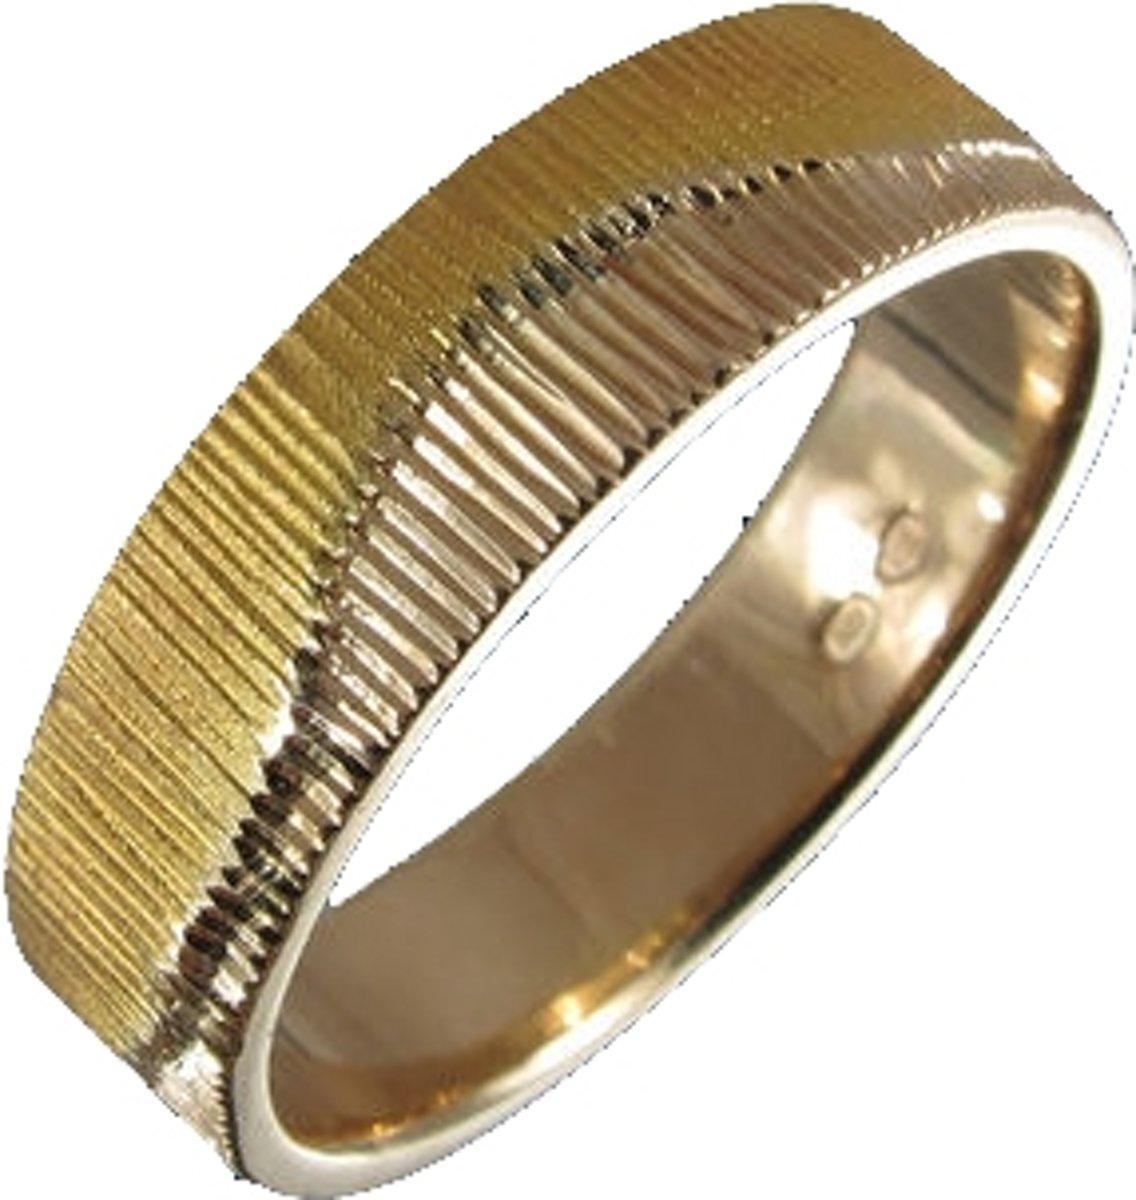 Noorderlicht. 6mm Gouden ring. 16mm kopen